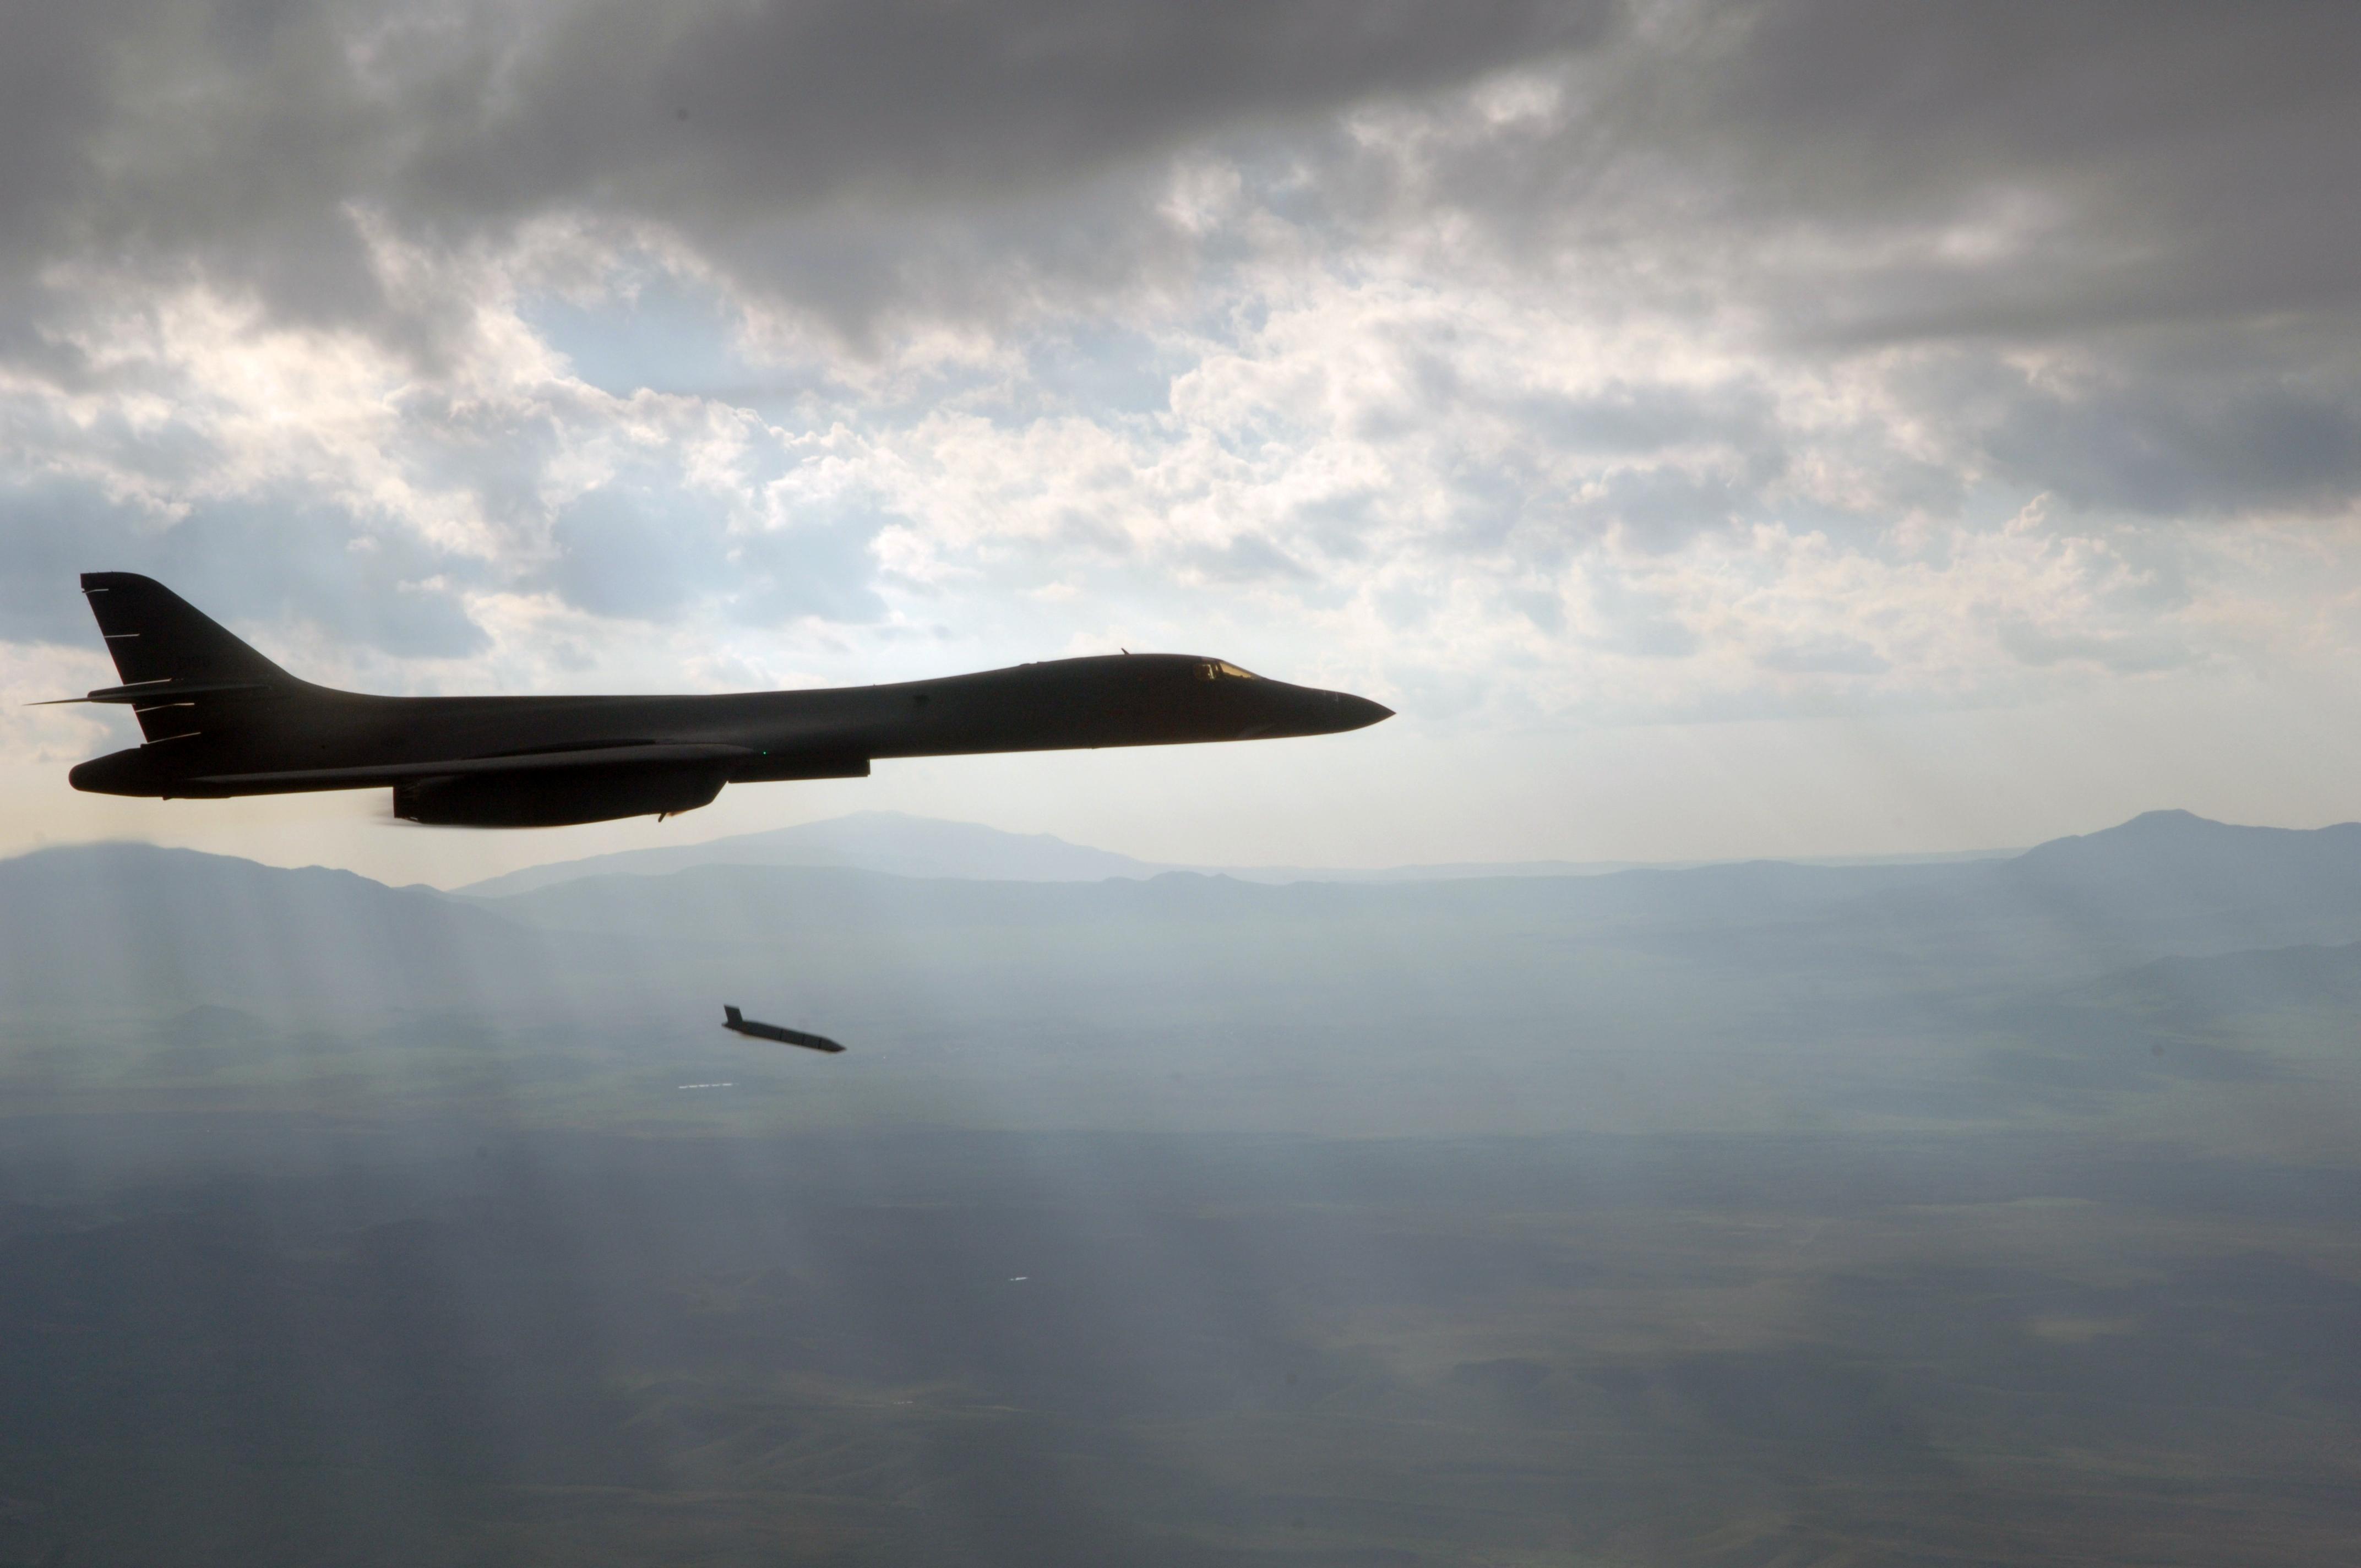 岳�y�b����l#�+_美国空军b-1b轰炸机即将具备实战使用轻型隐身空射巡航导弹的能力(图)